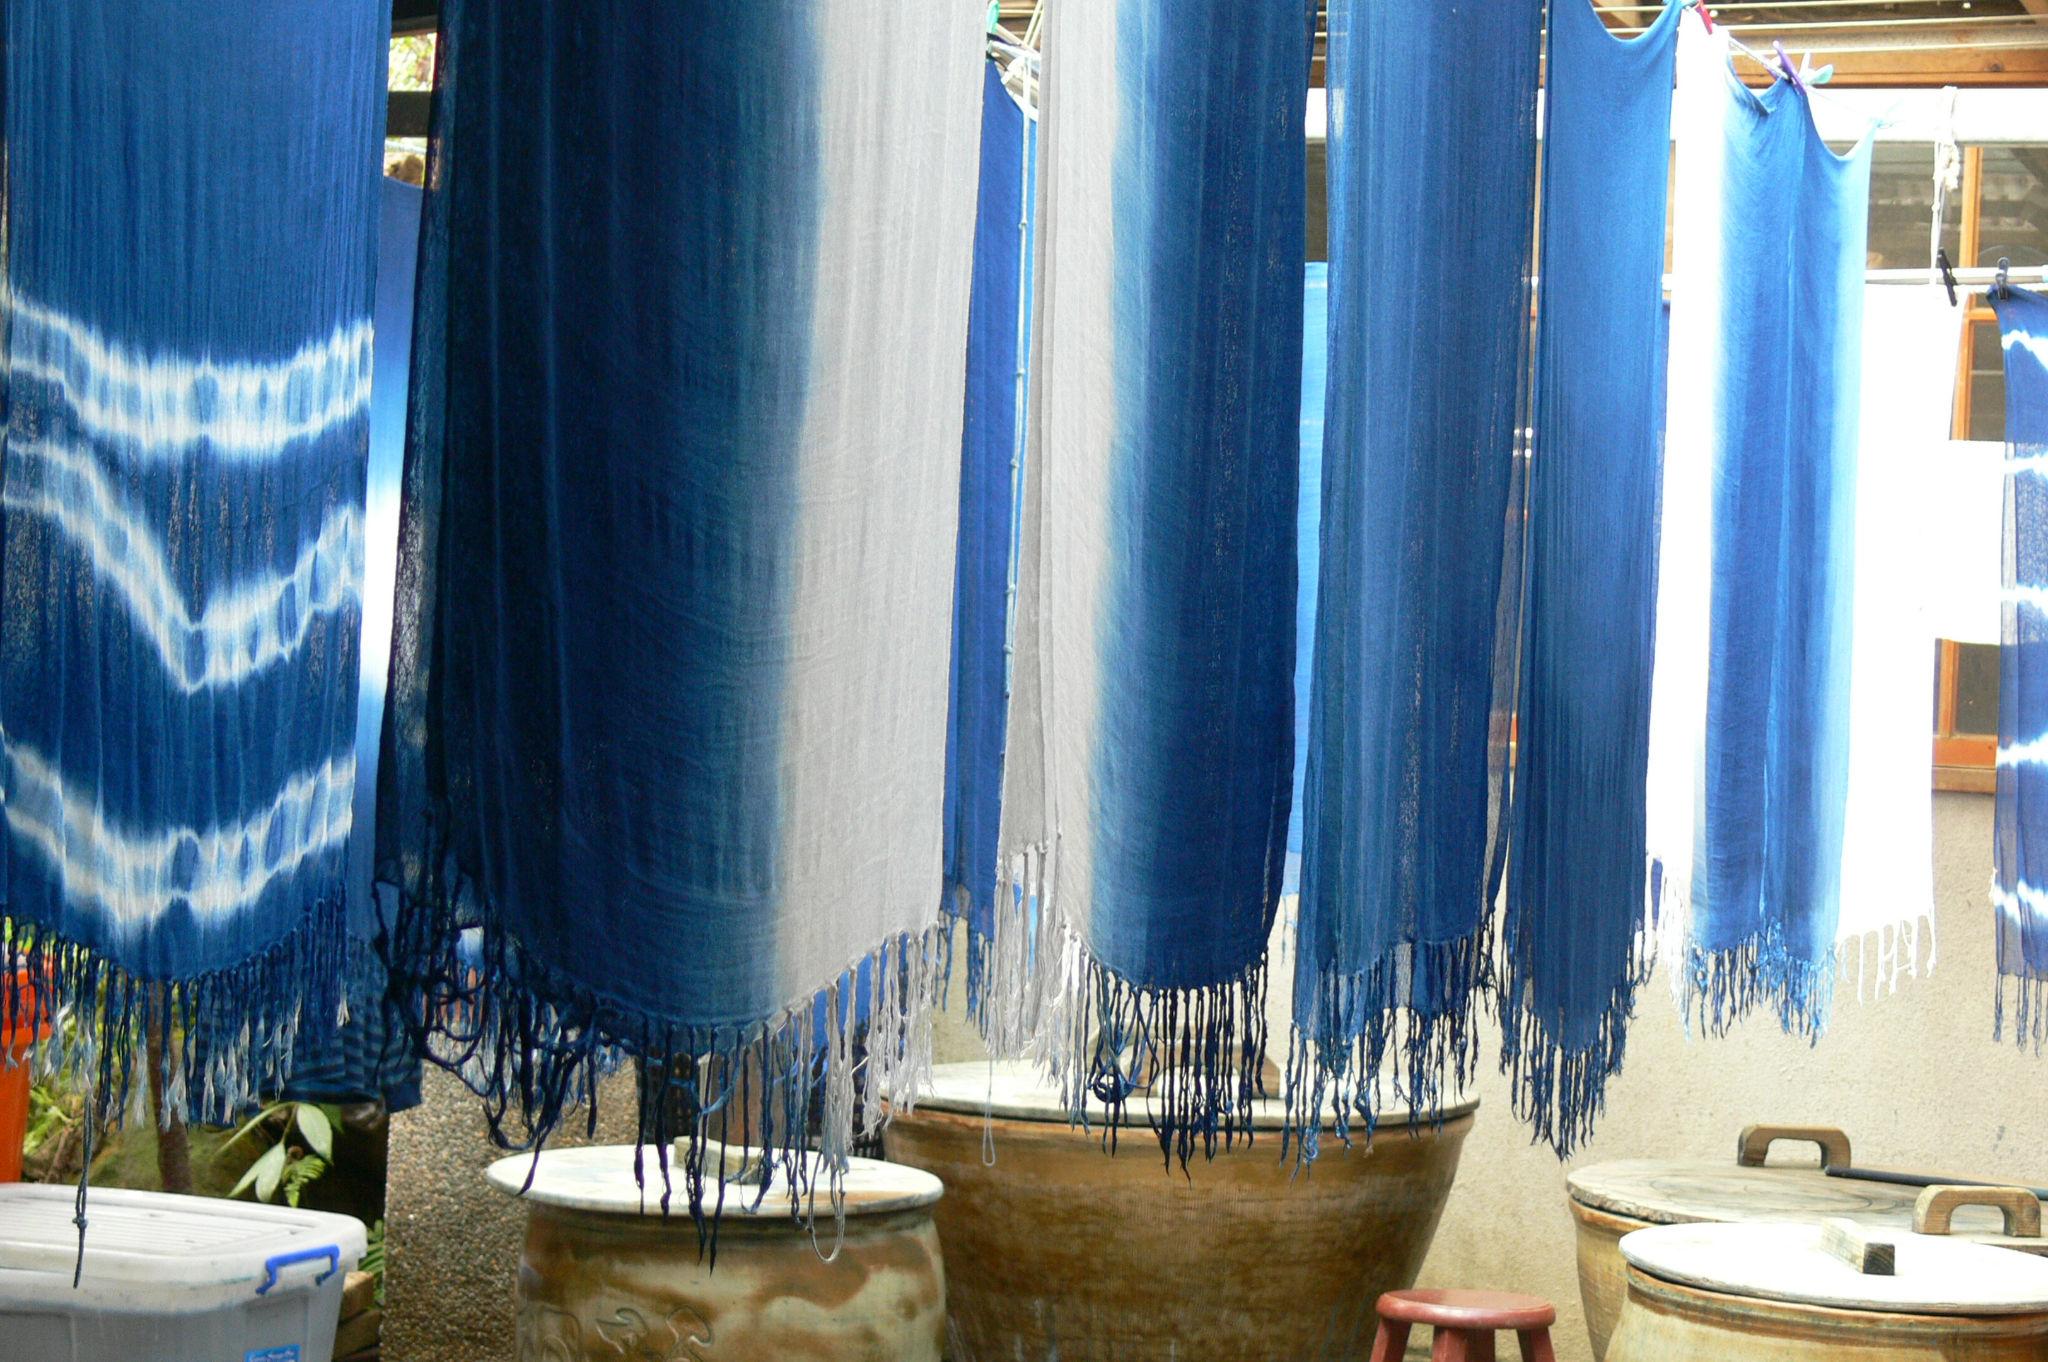 蓝染的体验及作品的呈现,让卓也园区更有特色!